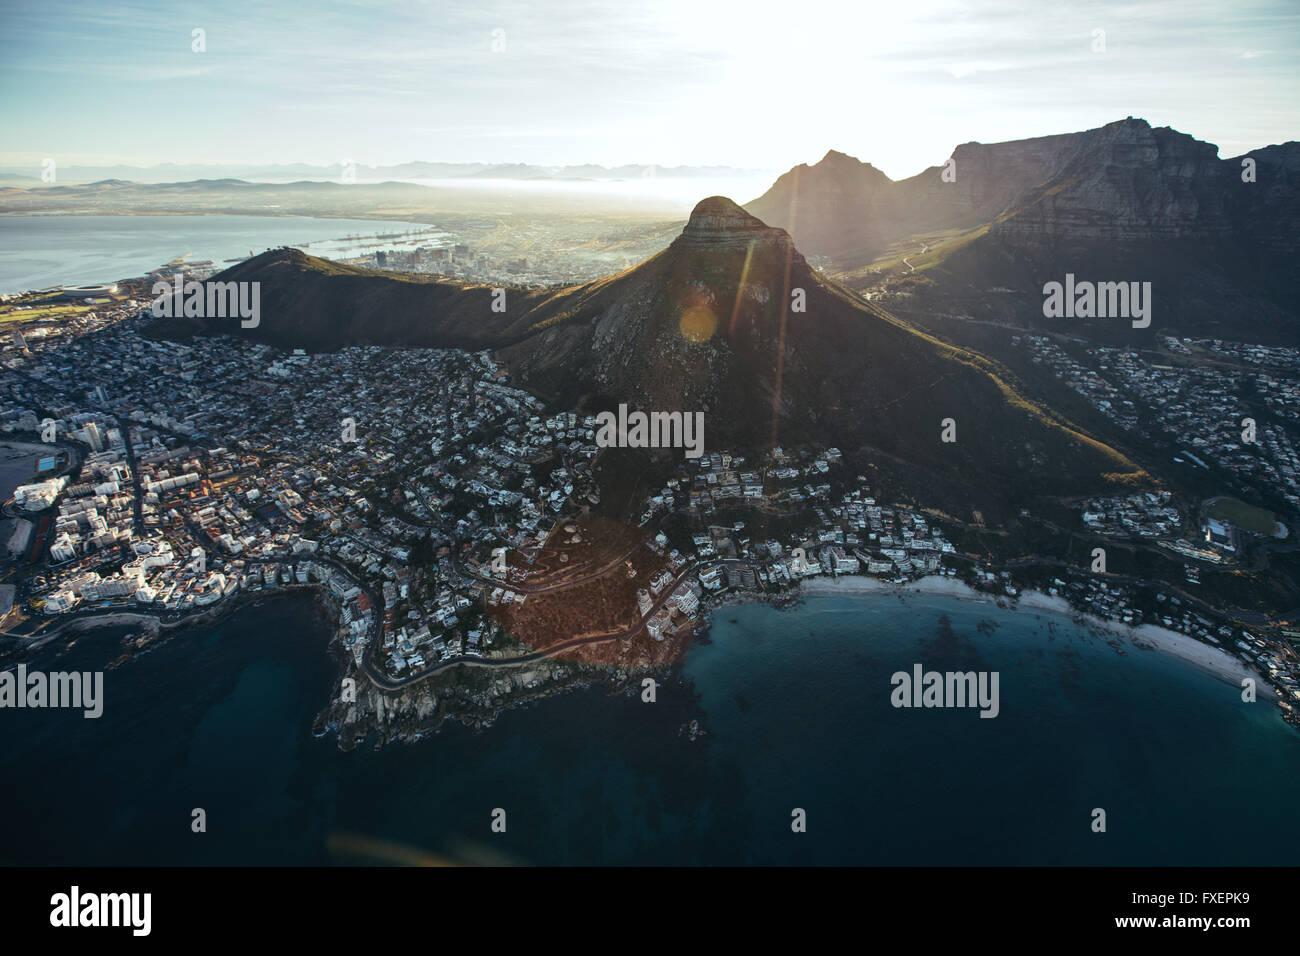 Birds Eye View of city of Cape Town avec de belles plages et de montagnes sur une journée ensoleillée. Vue aérienne de la ville de Cape Town avec Banque D'Images